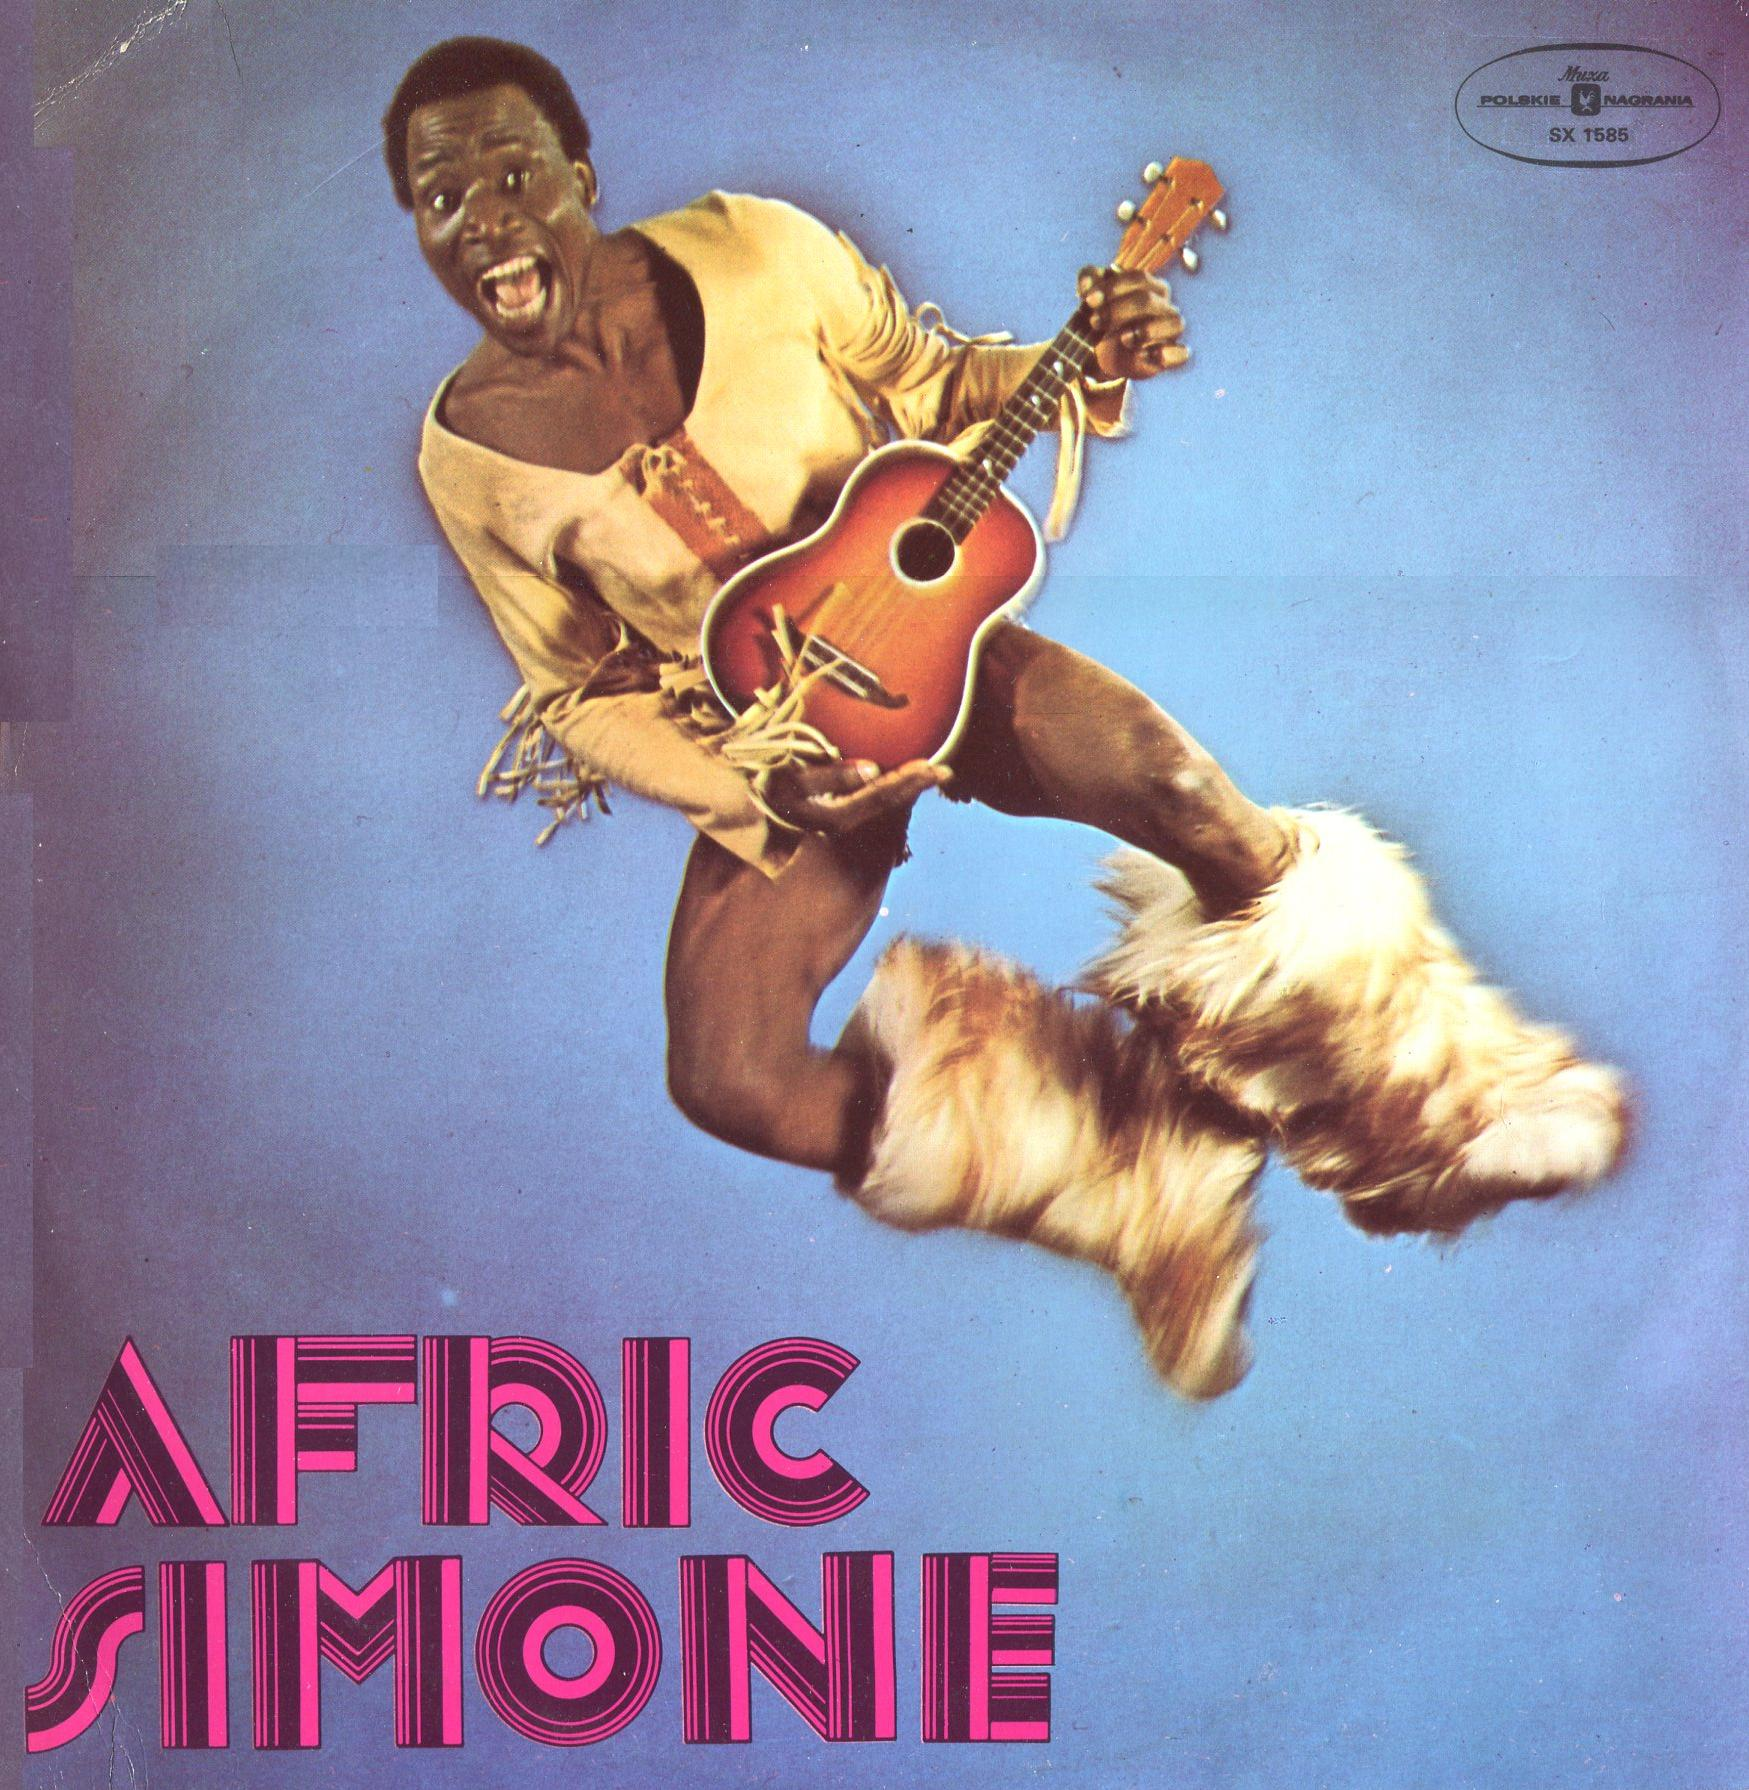 картинки африк симон пишут, что она